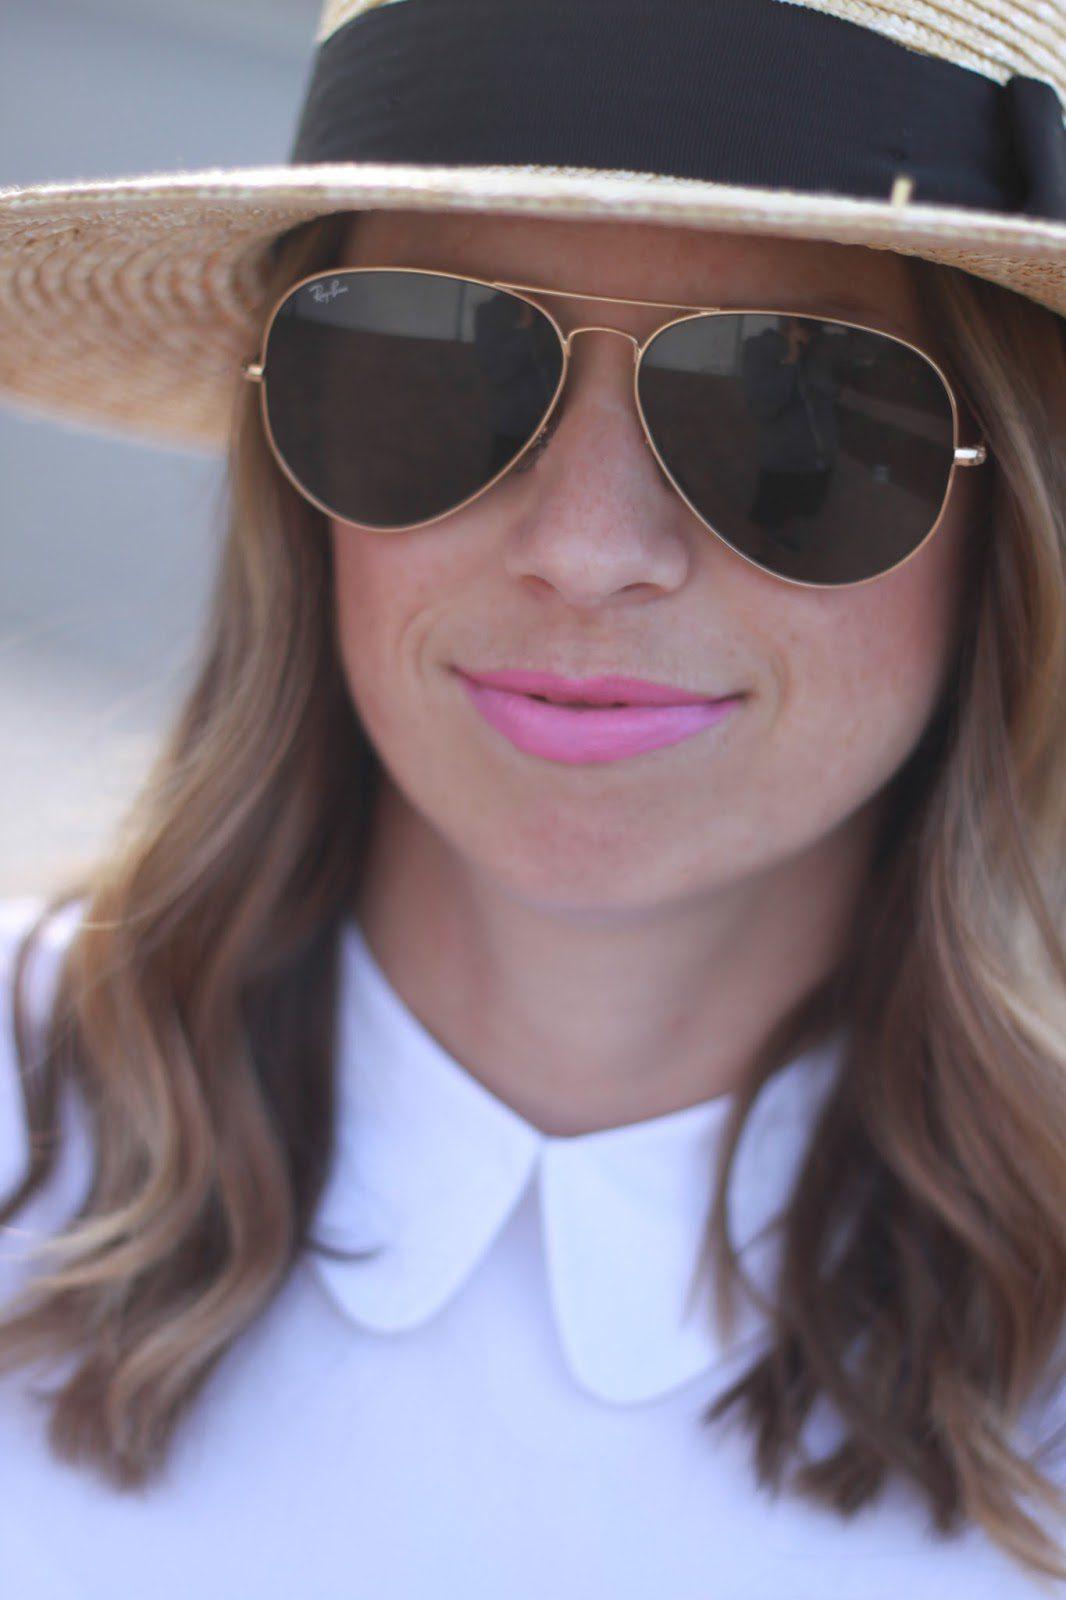 ray-ban aviators and pink lips